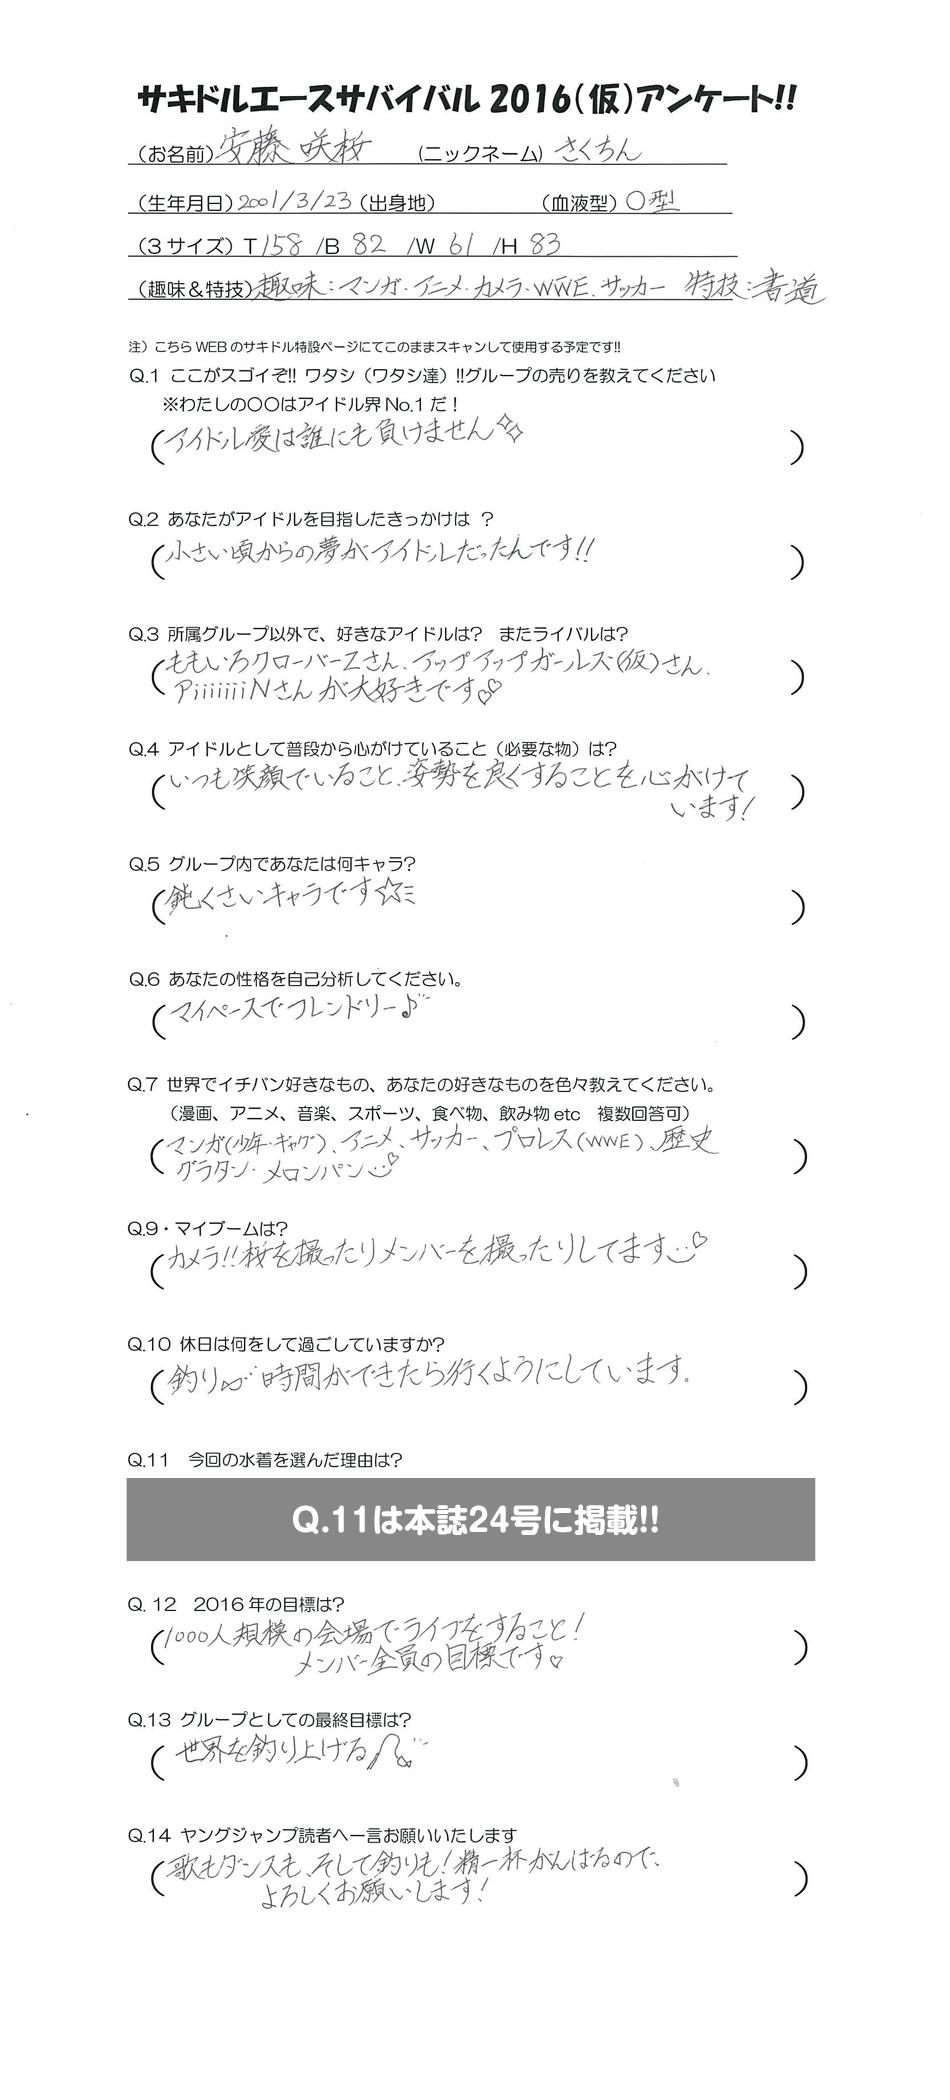 安藤咲桜が回答した「サキドルエースサバイバル2016(仮)アンケート」